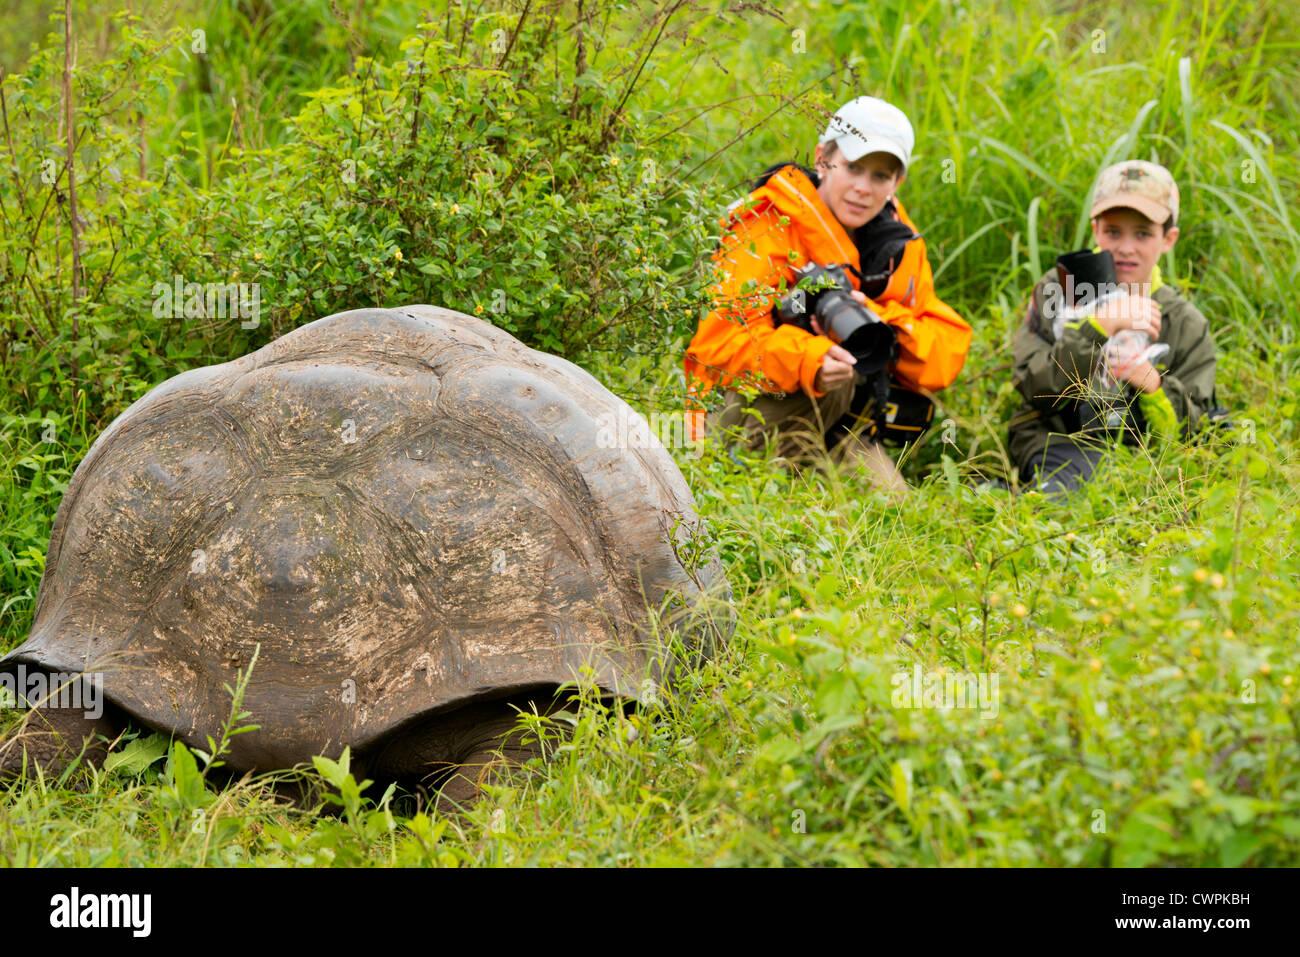 Ecuador, Galapagos, Santa Cruz highlands. Young photographers close to a wild Galapagos dome-shaped tortoise. - Stock Image